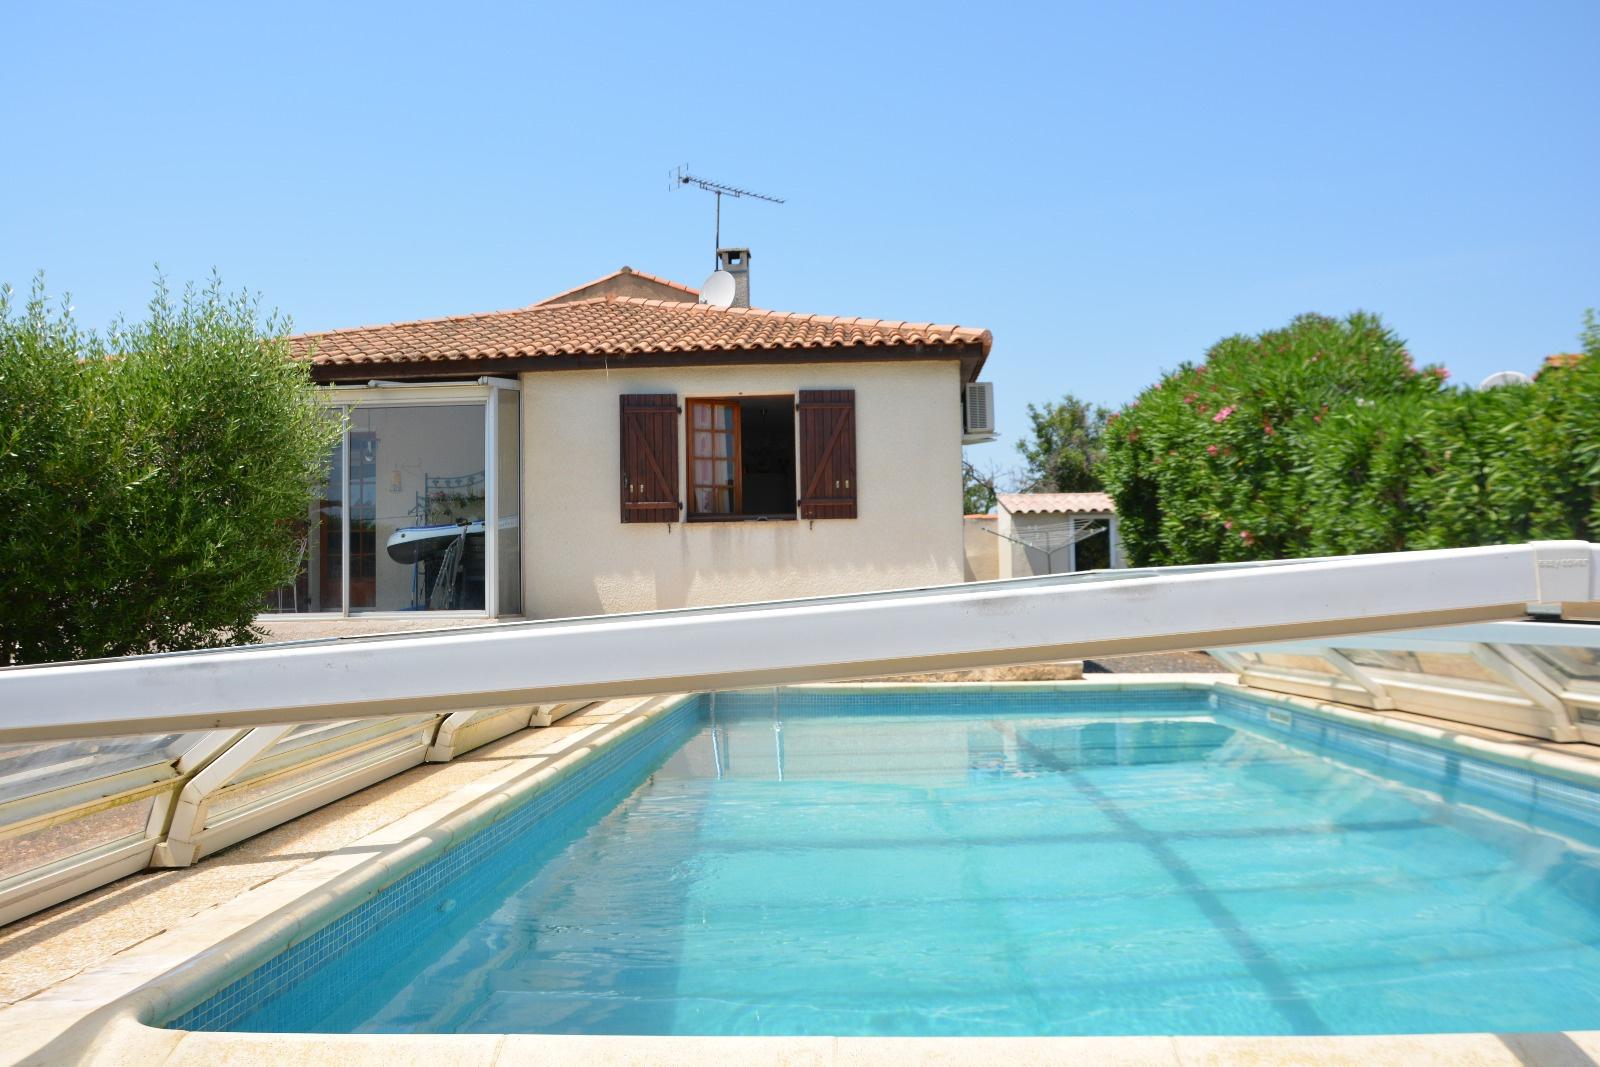 Location de vacances Villa Bessan (34550)